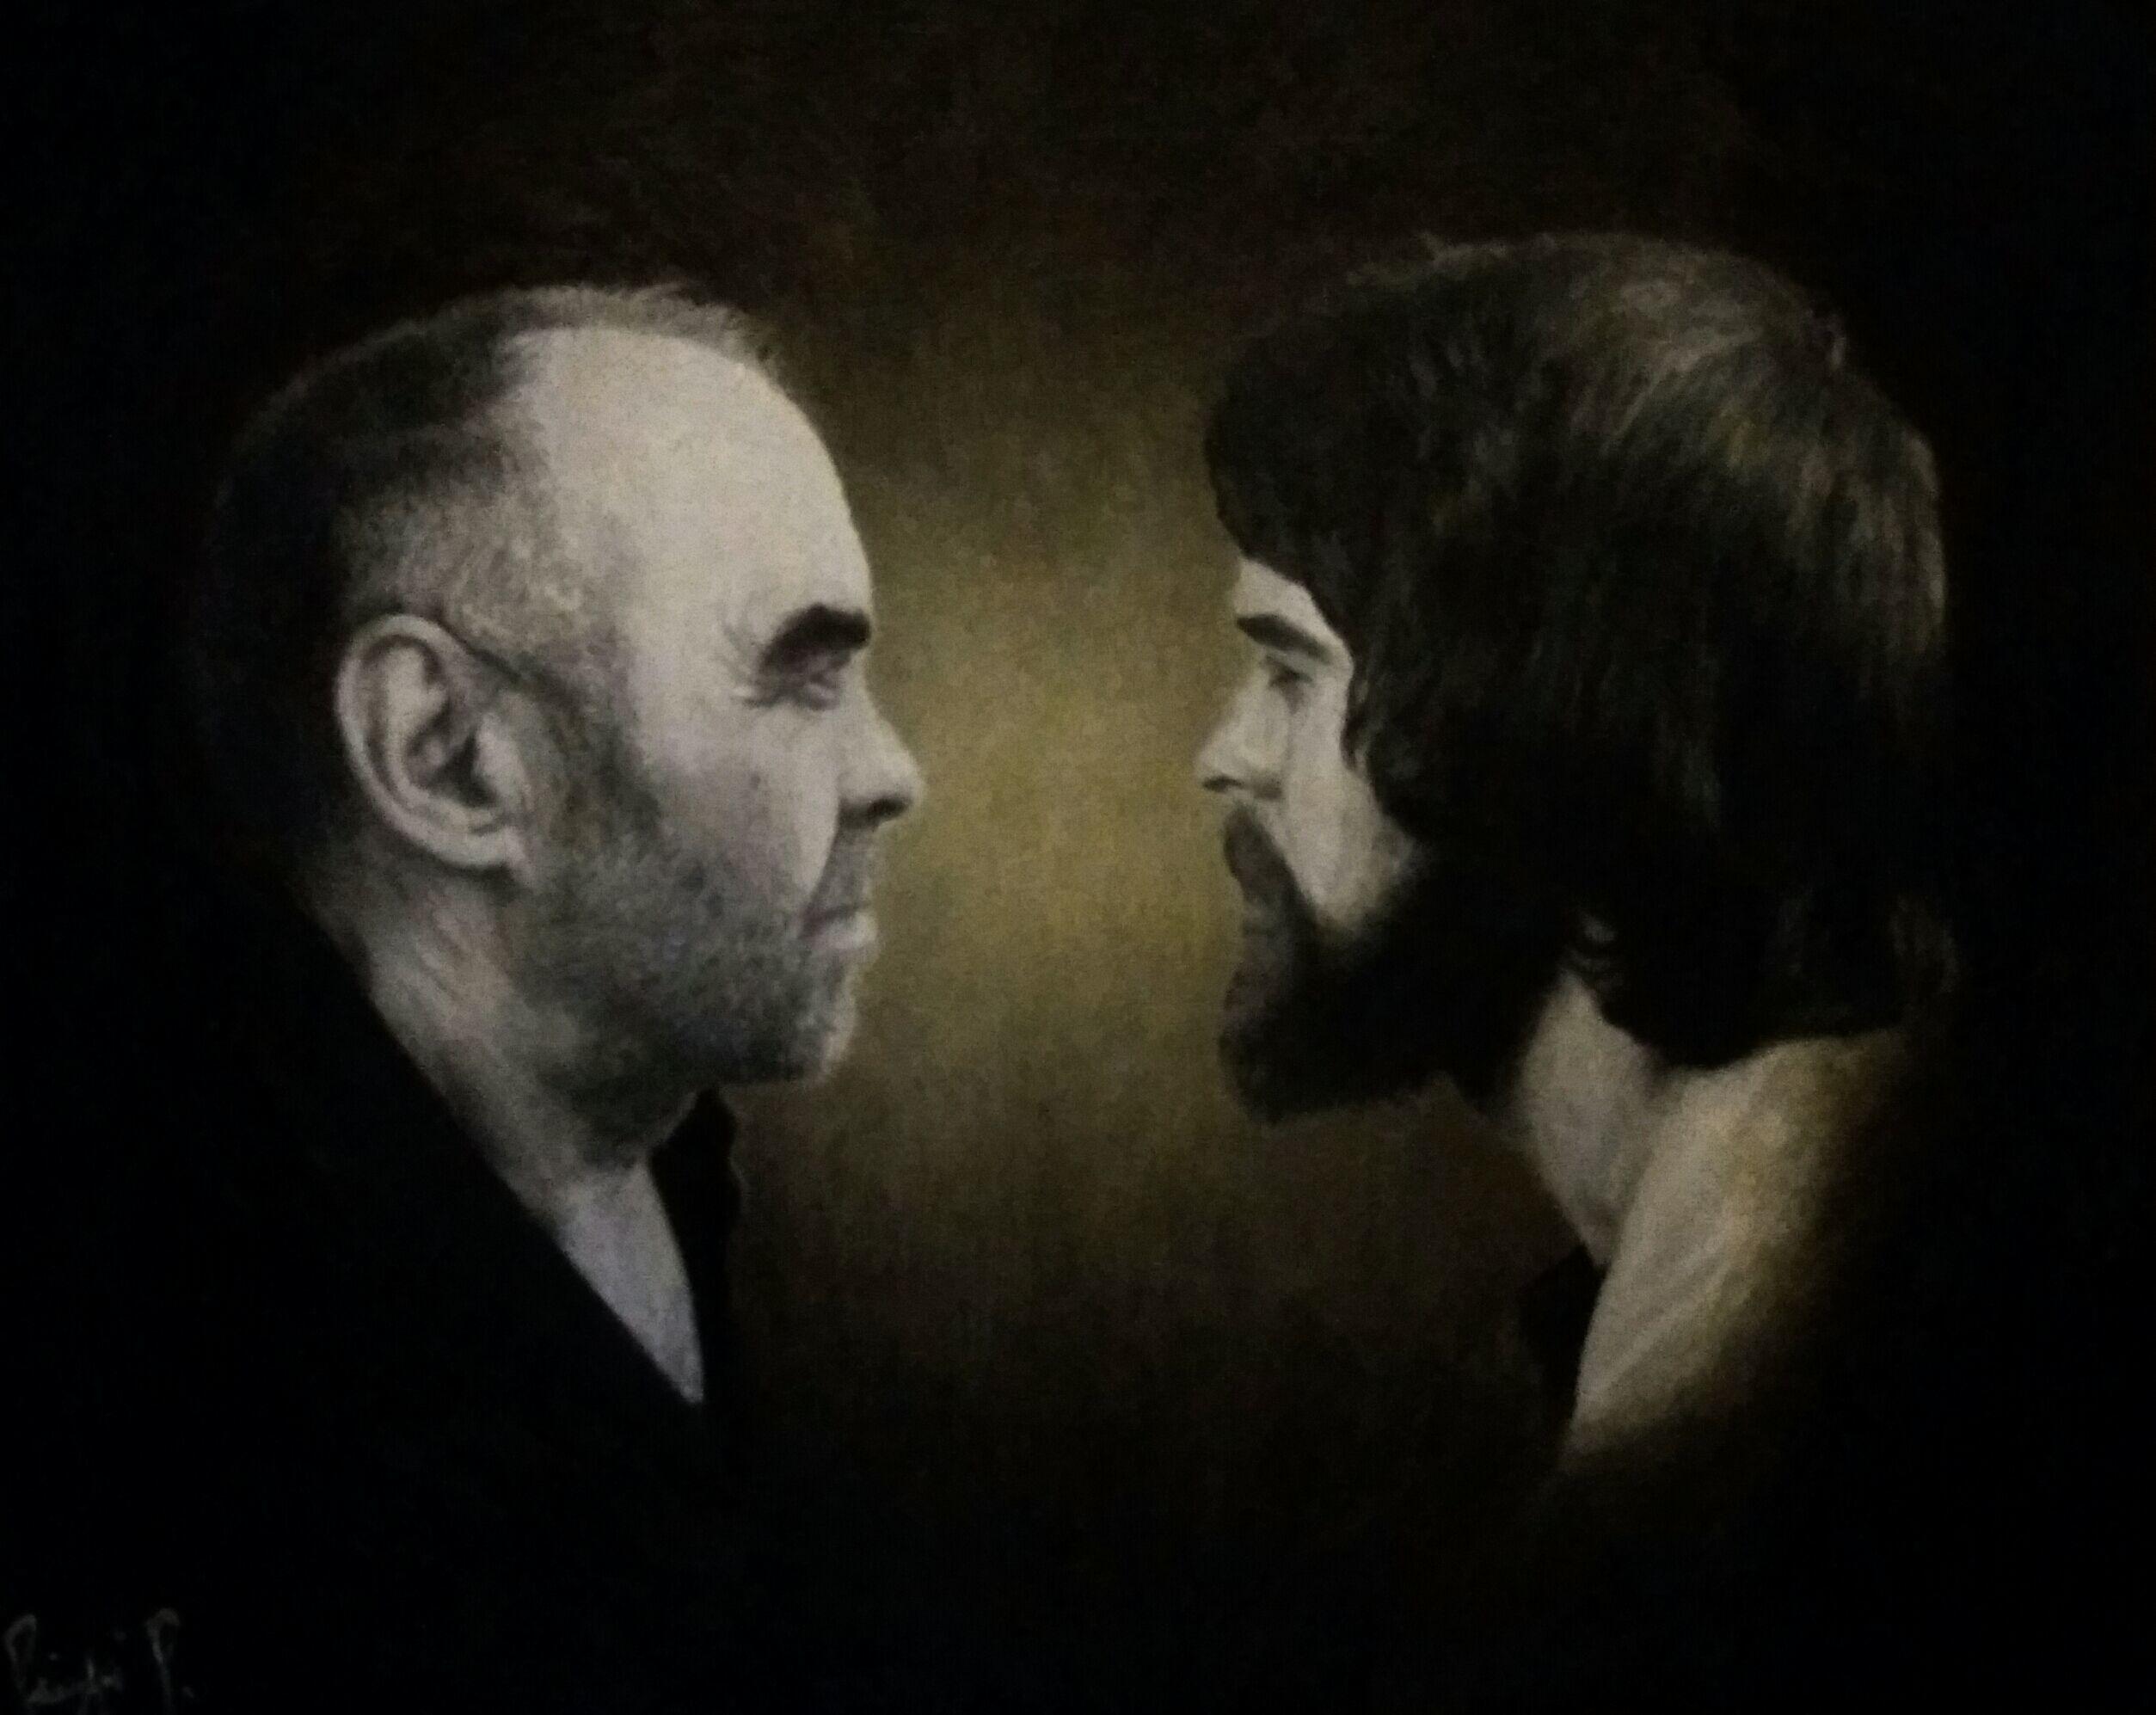 Guardarsi dopo quarant'anni, dipinto di Patrick Pioppi